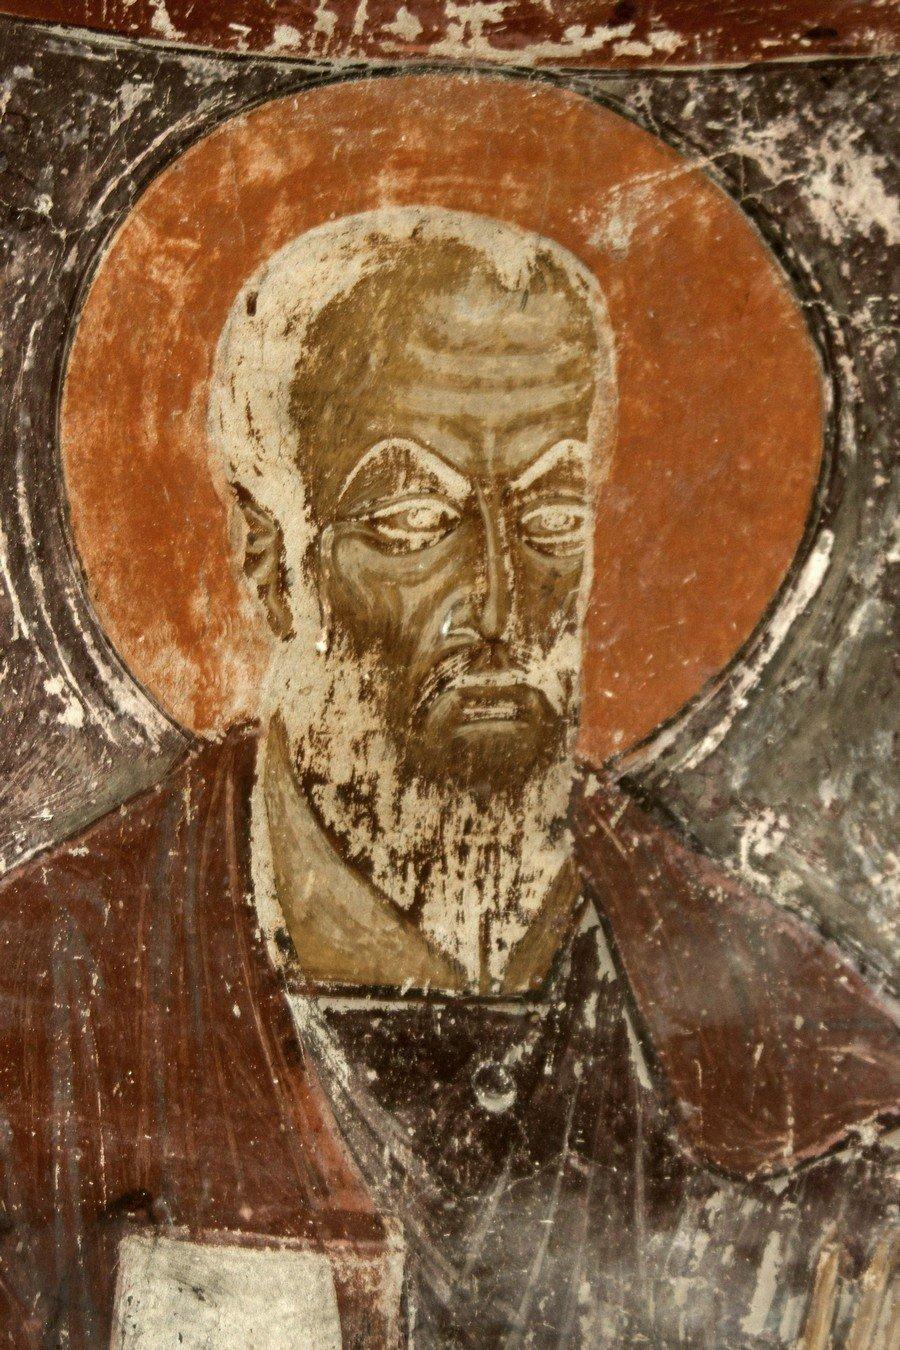 Святой Апостол Павел (?). Фреска монастыря Шиомгвиме (Шио-Мгвимского монастыря), Грузия.